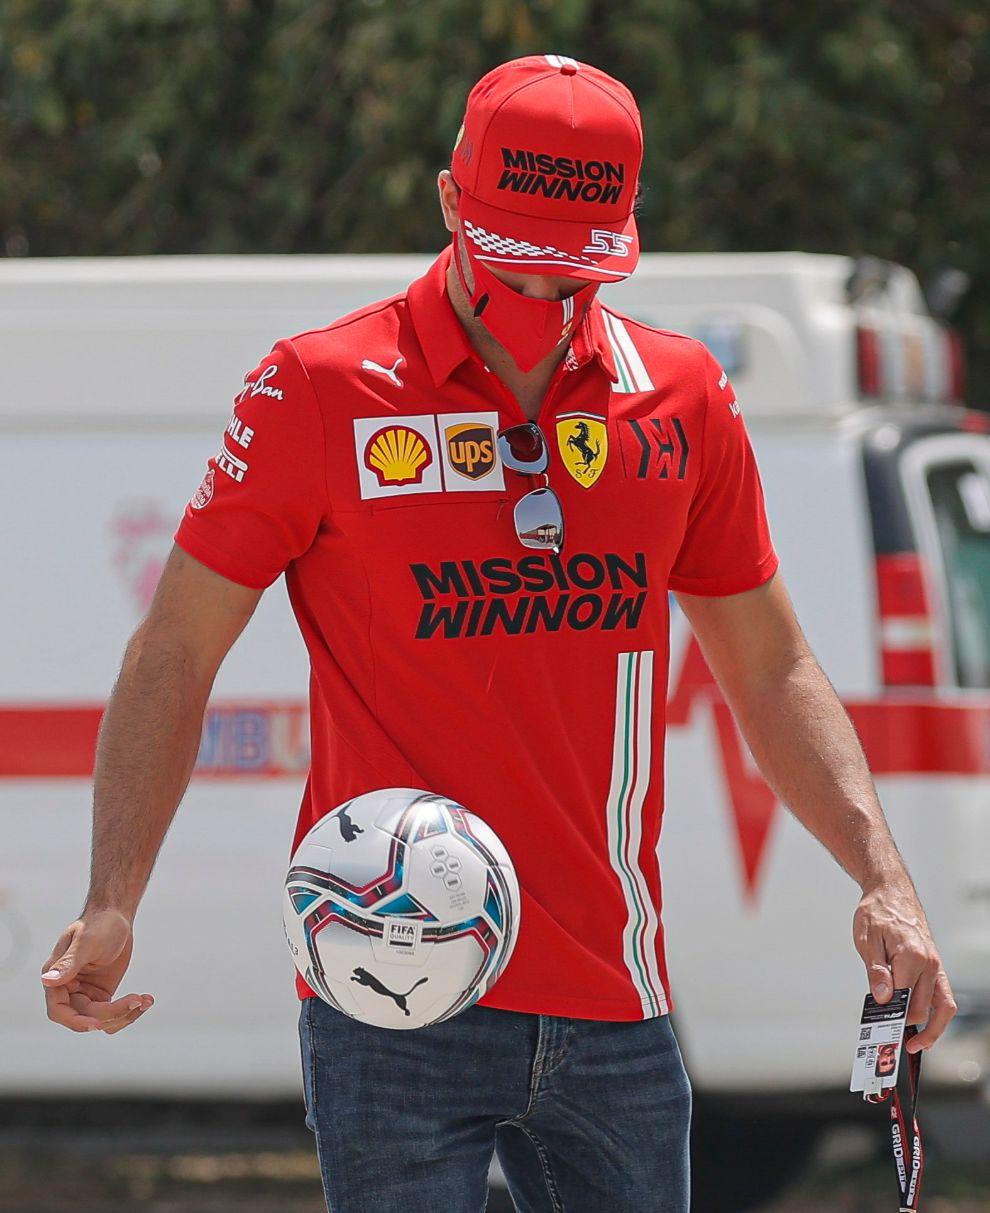 Carlos Sainz se diviritó dando unos toques a un balón de fútbol.